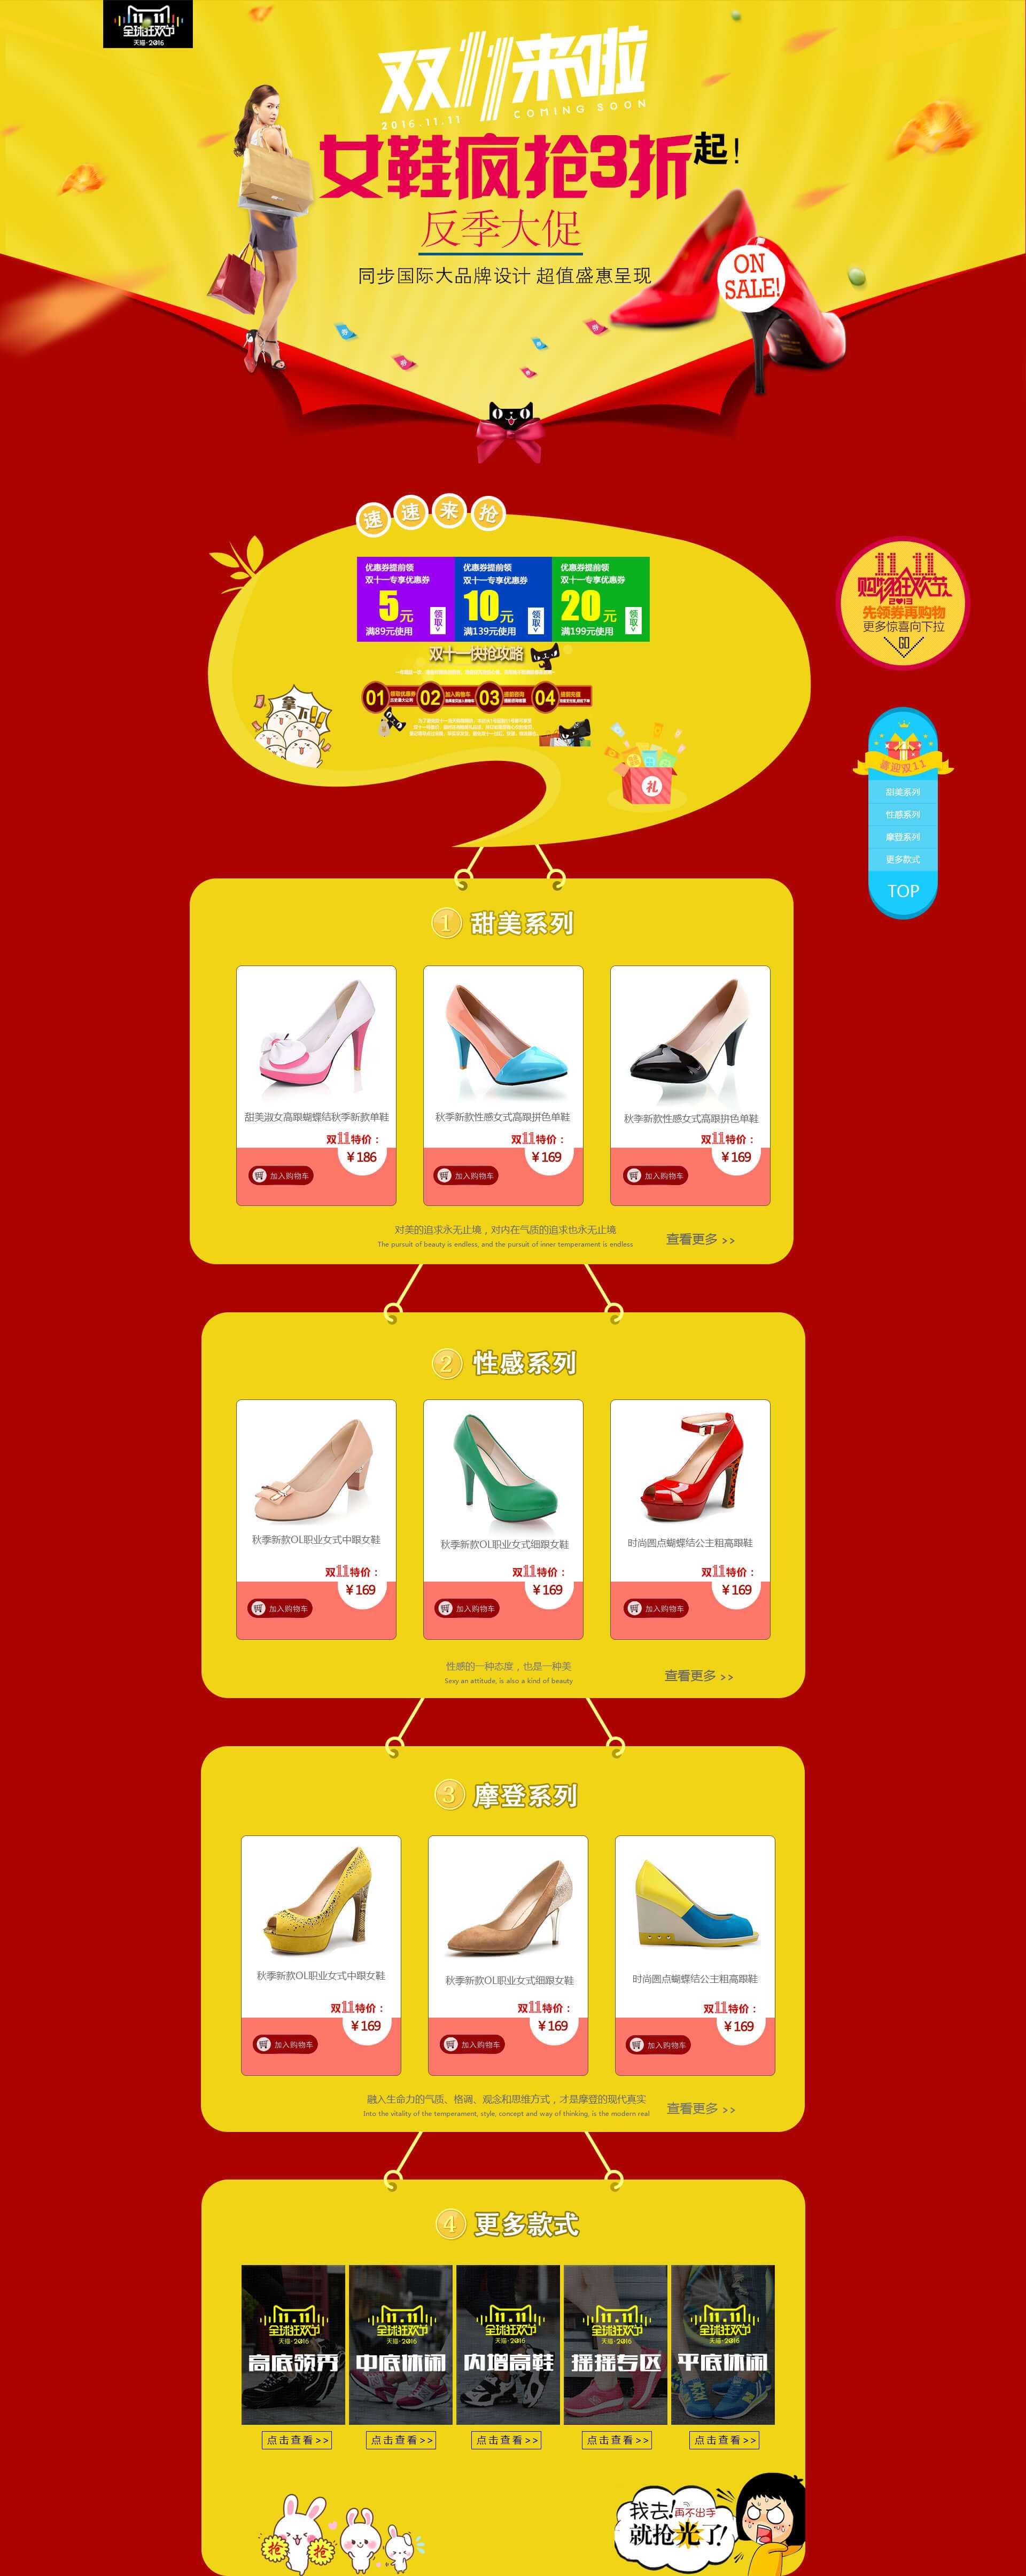 红色的电商双十一鞋服专题页面模板下载